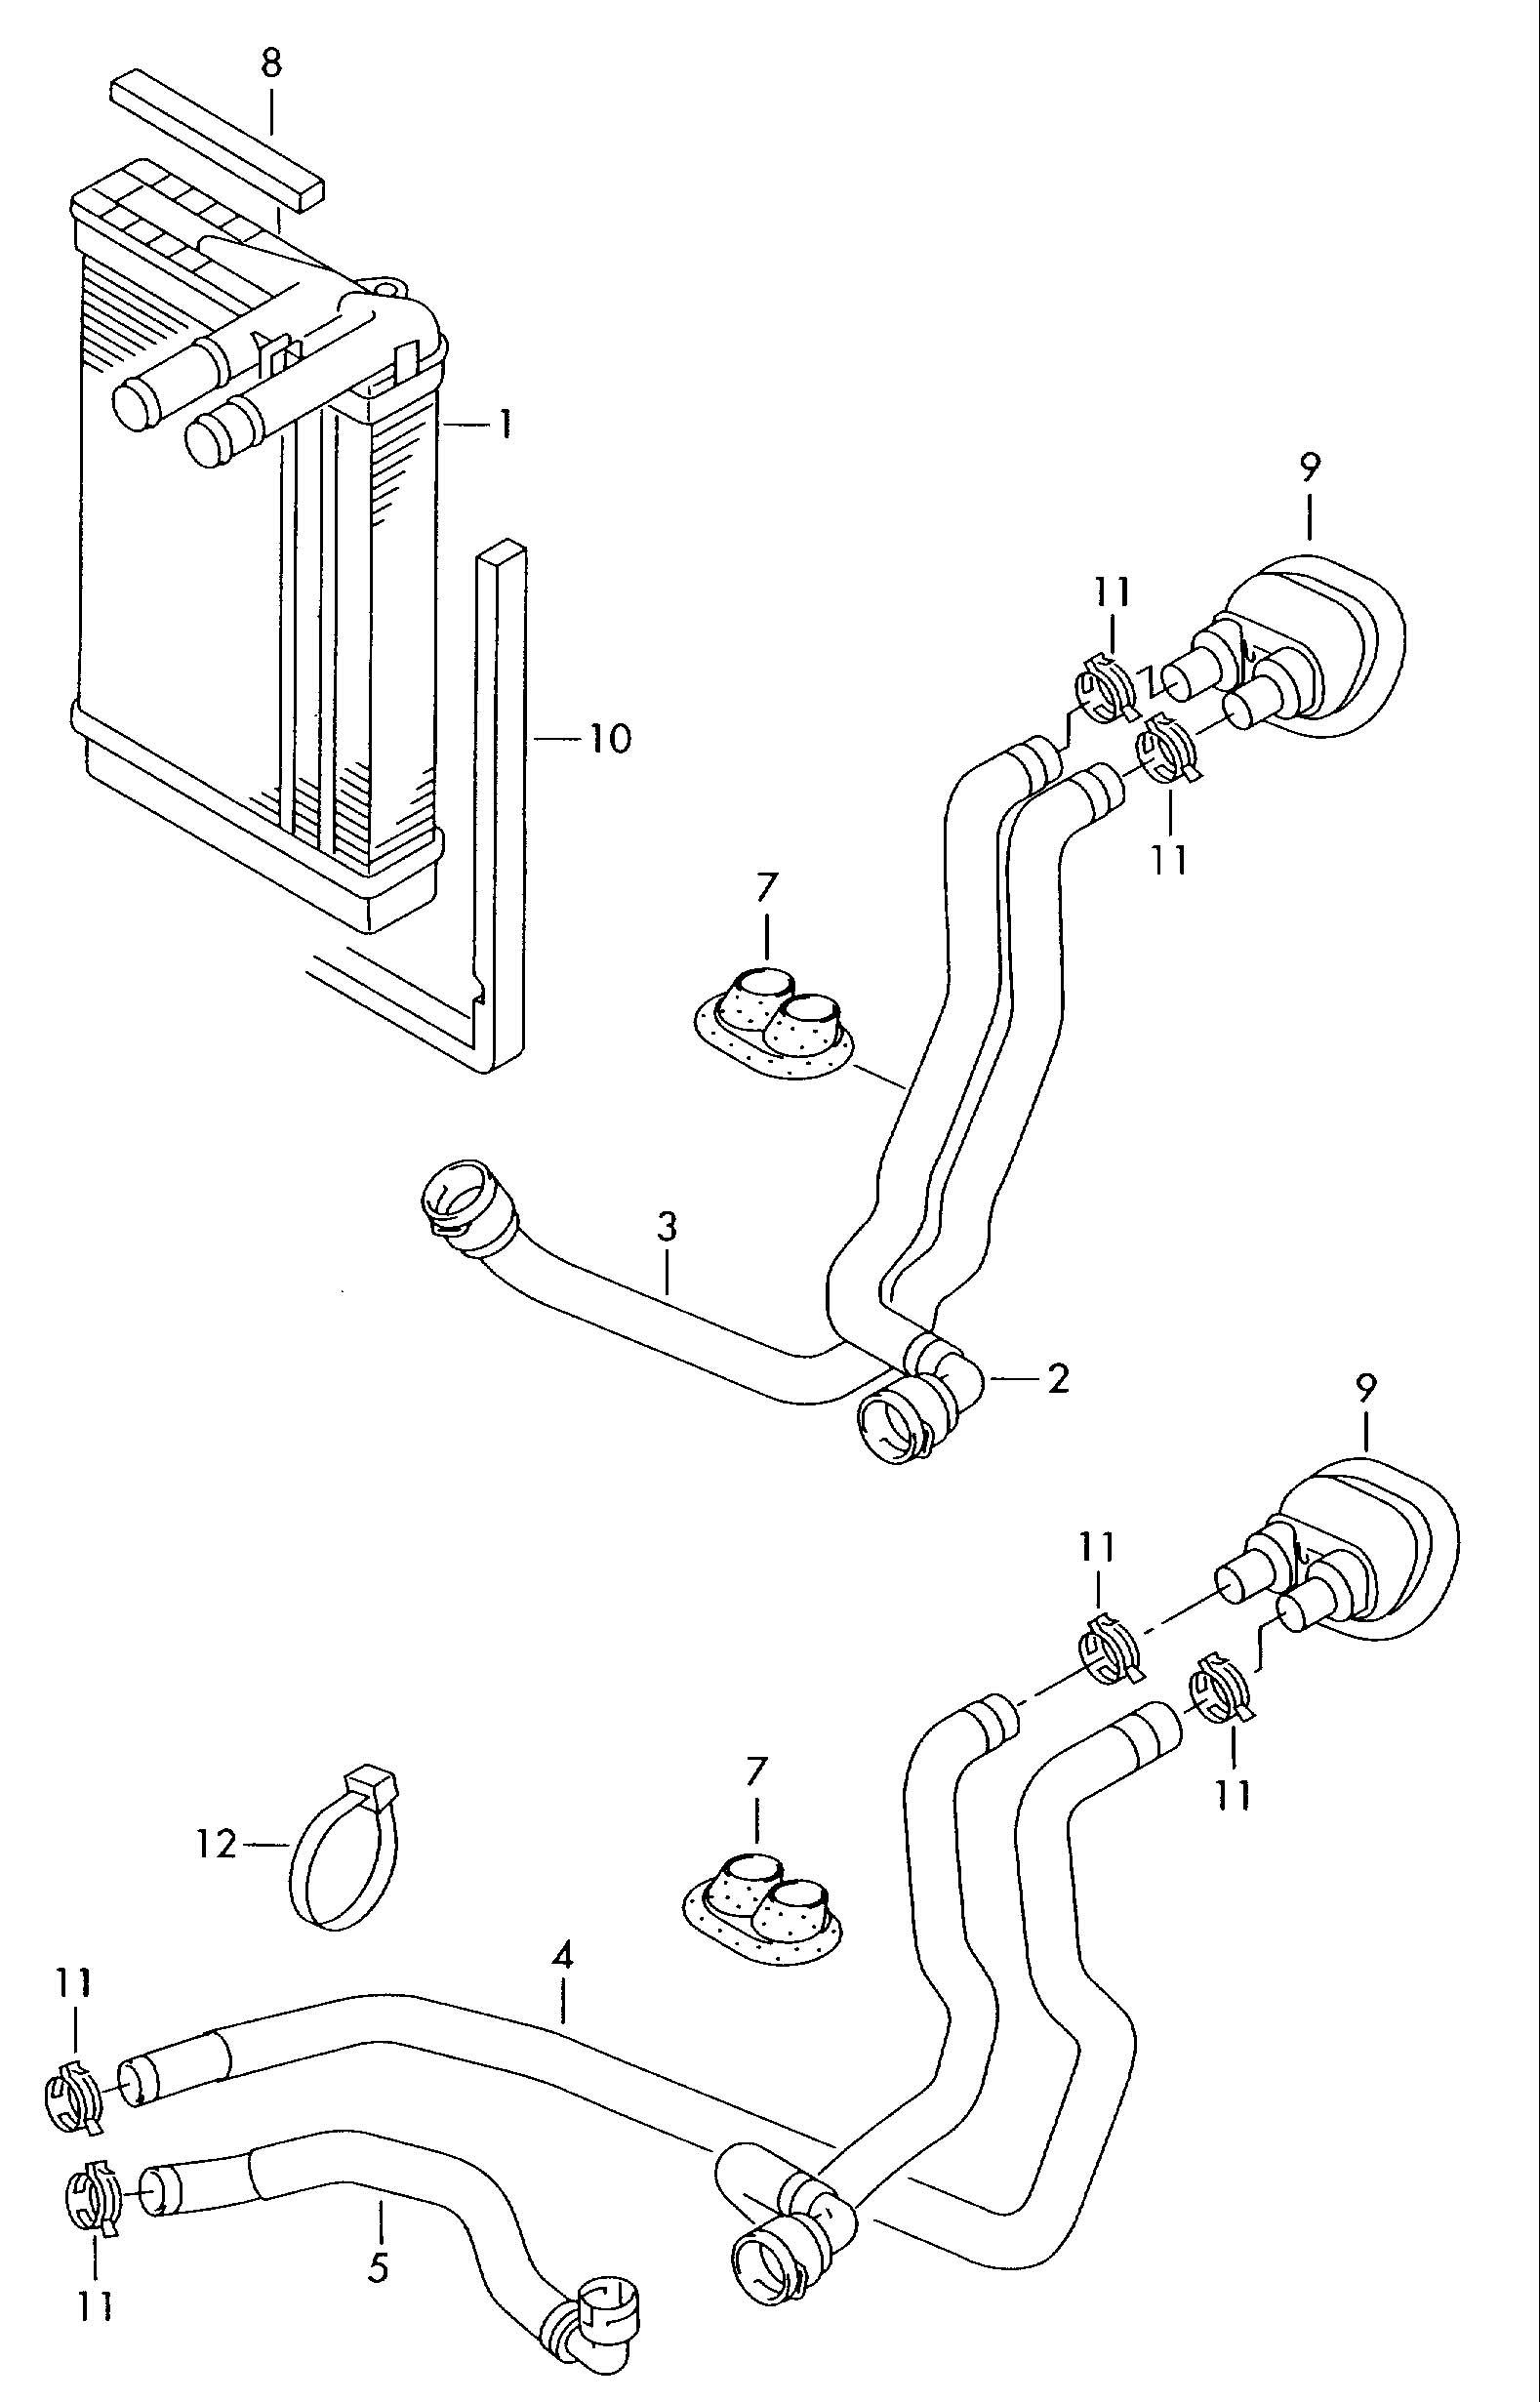 Volkswagen Passat Water Hose  Heat Exchanger U0026gt Coolant P